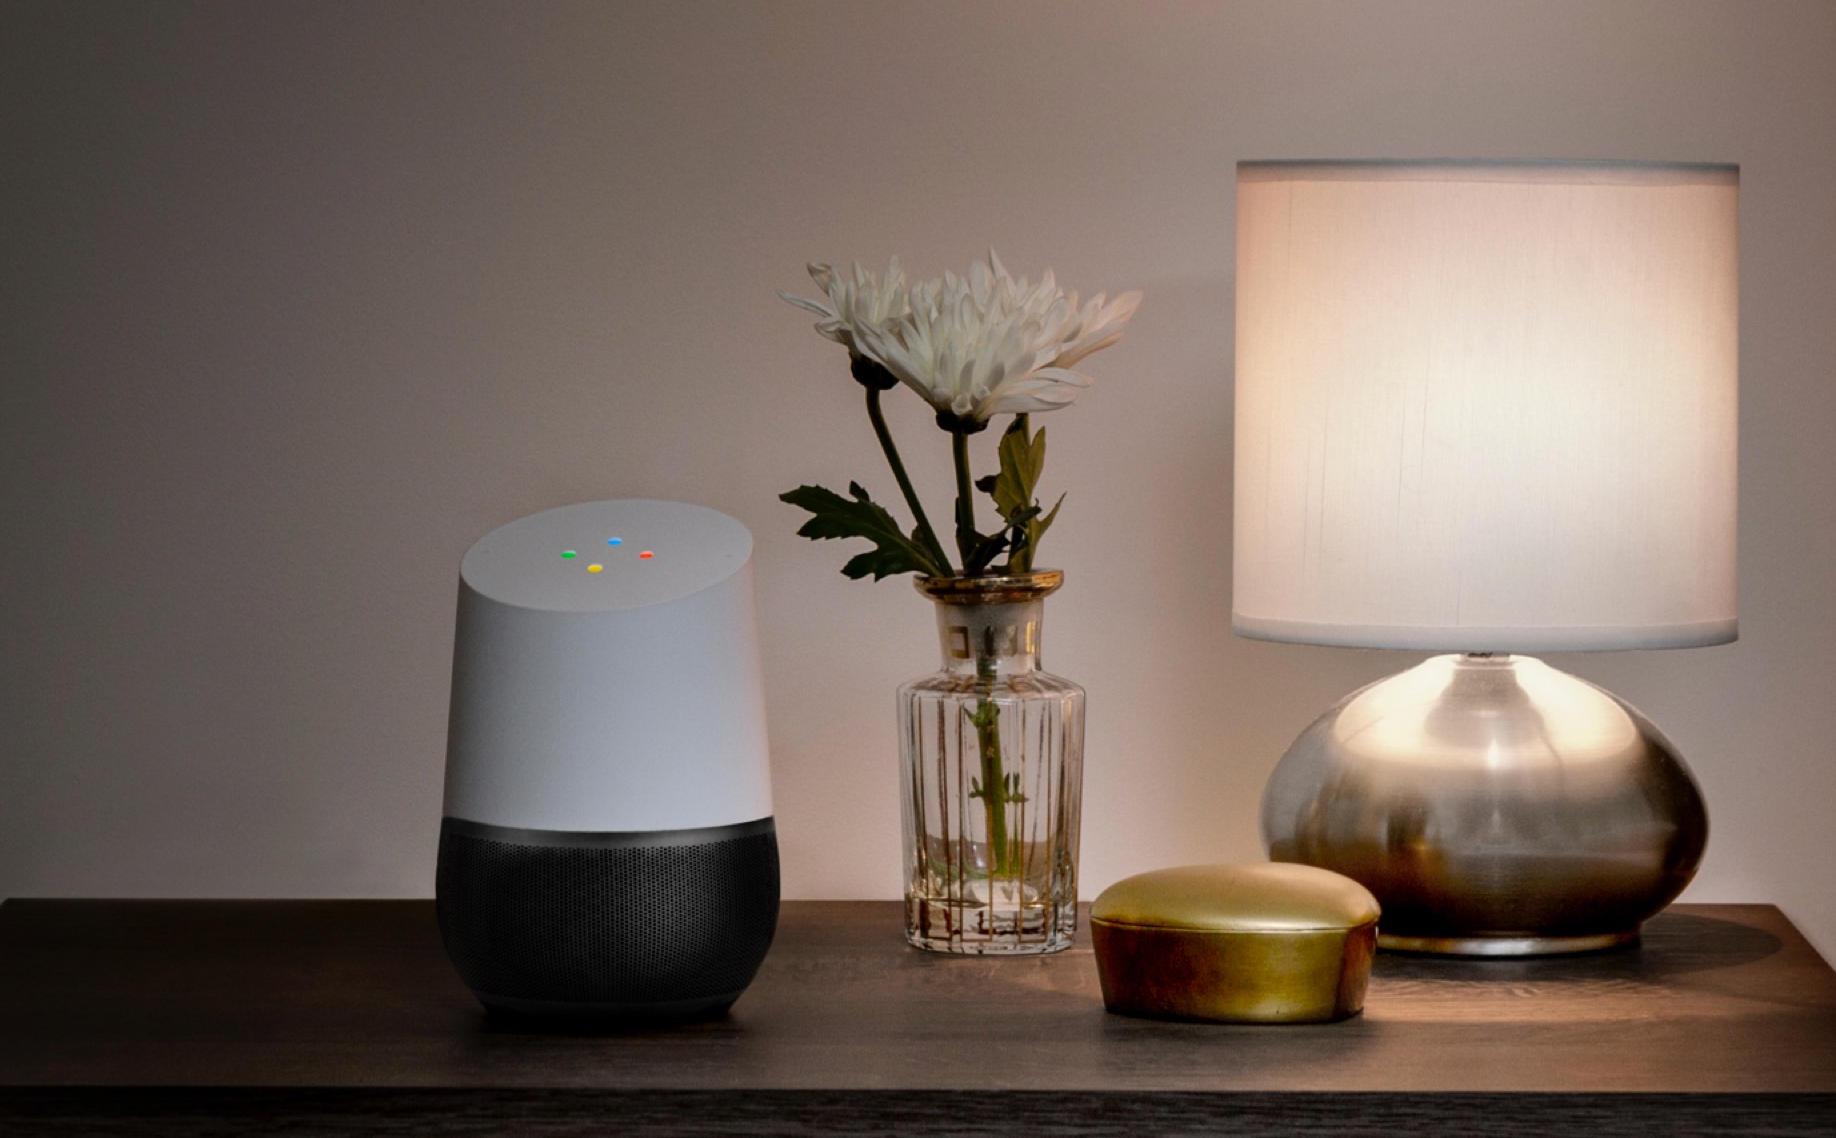 Asystent Google Home oświetlenie inteligentne żarówki